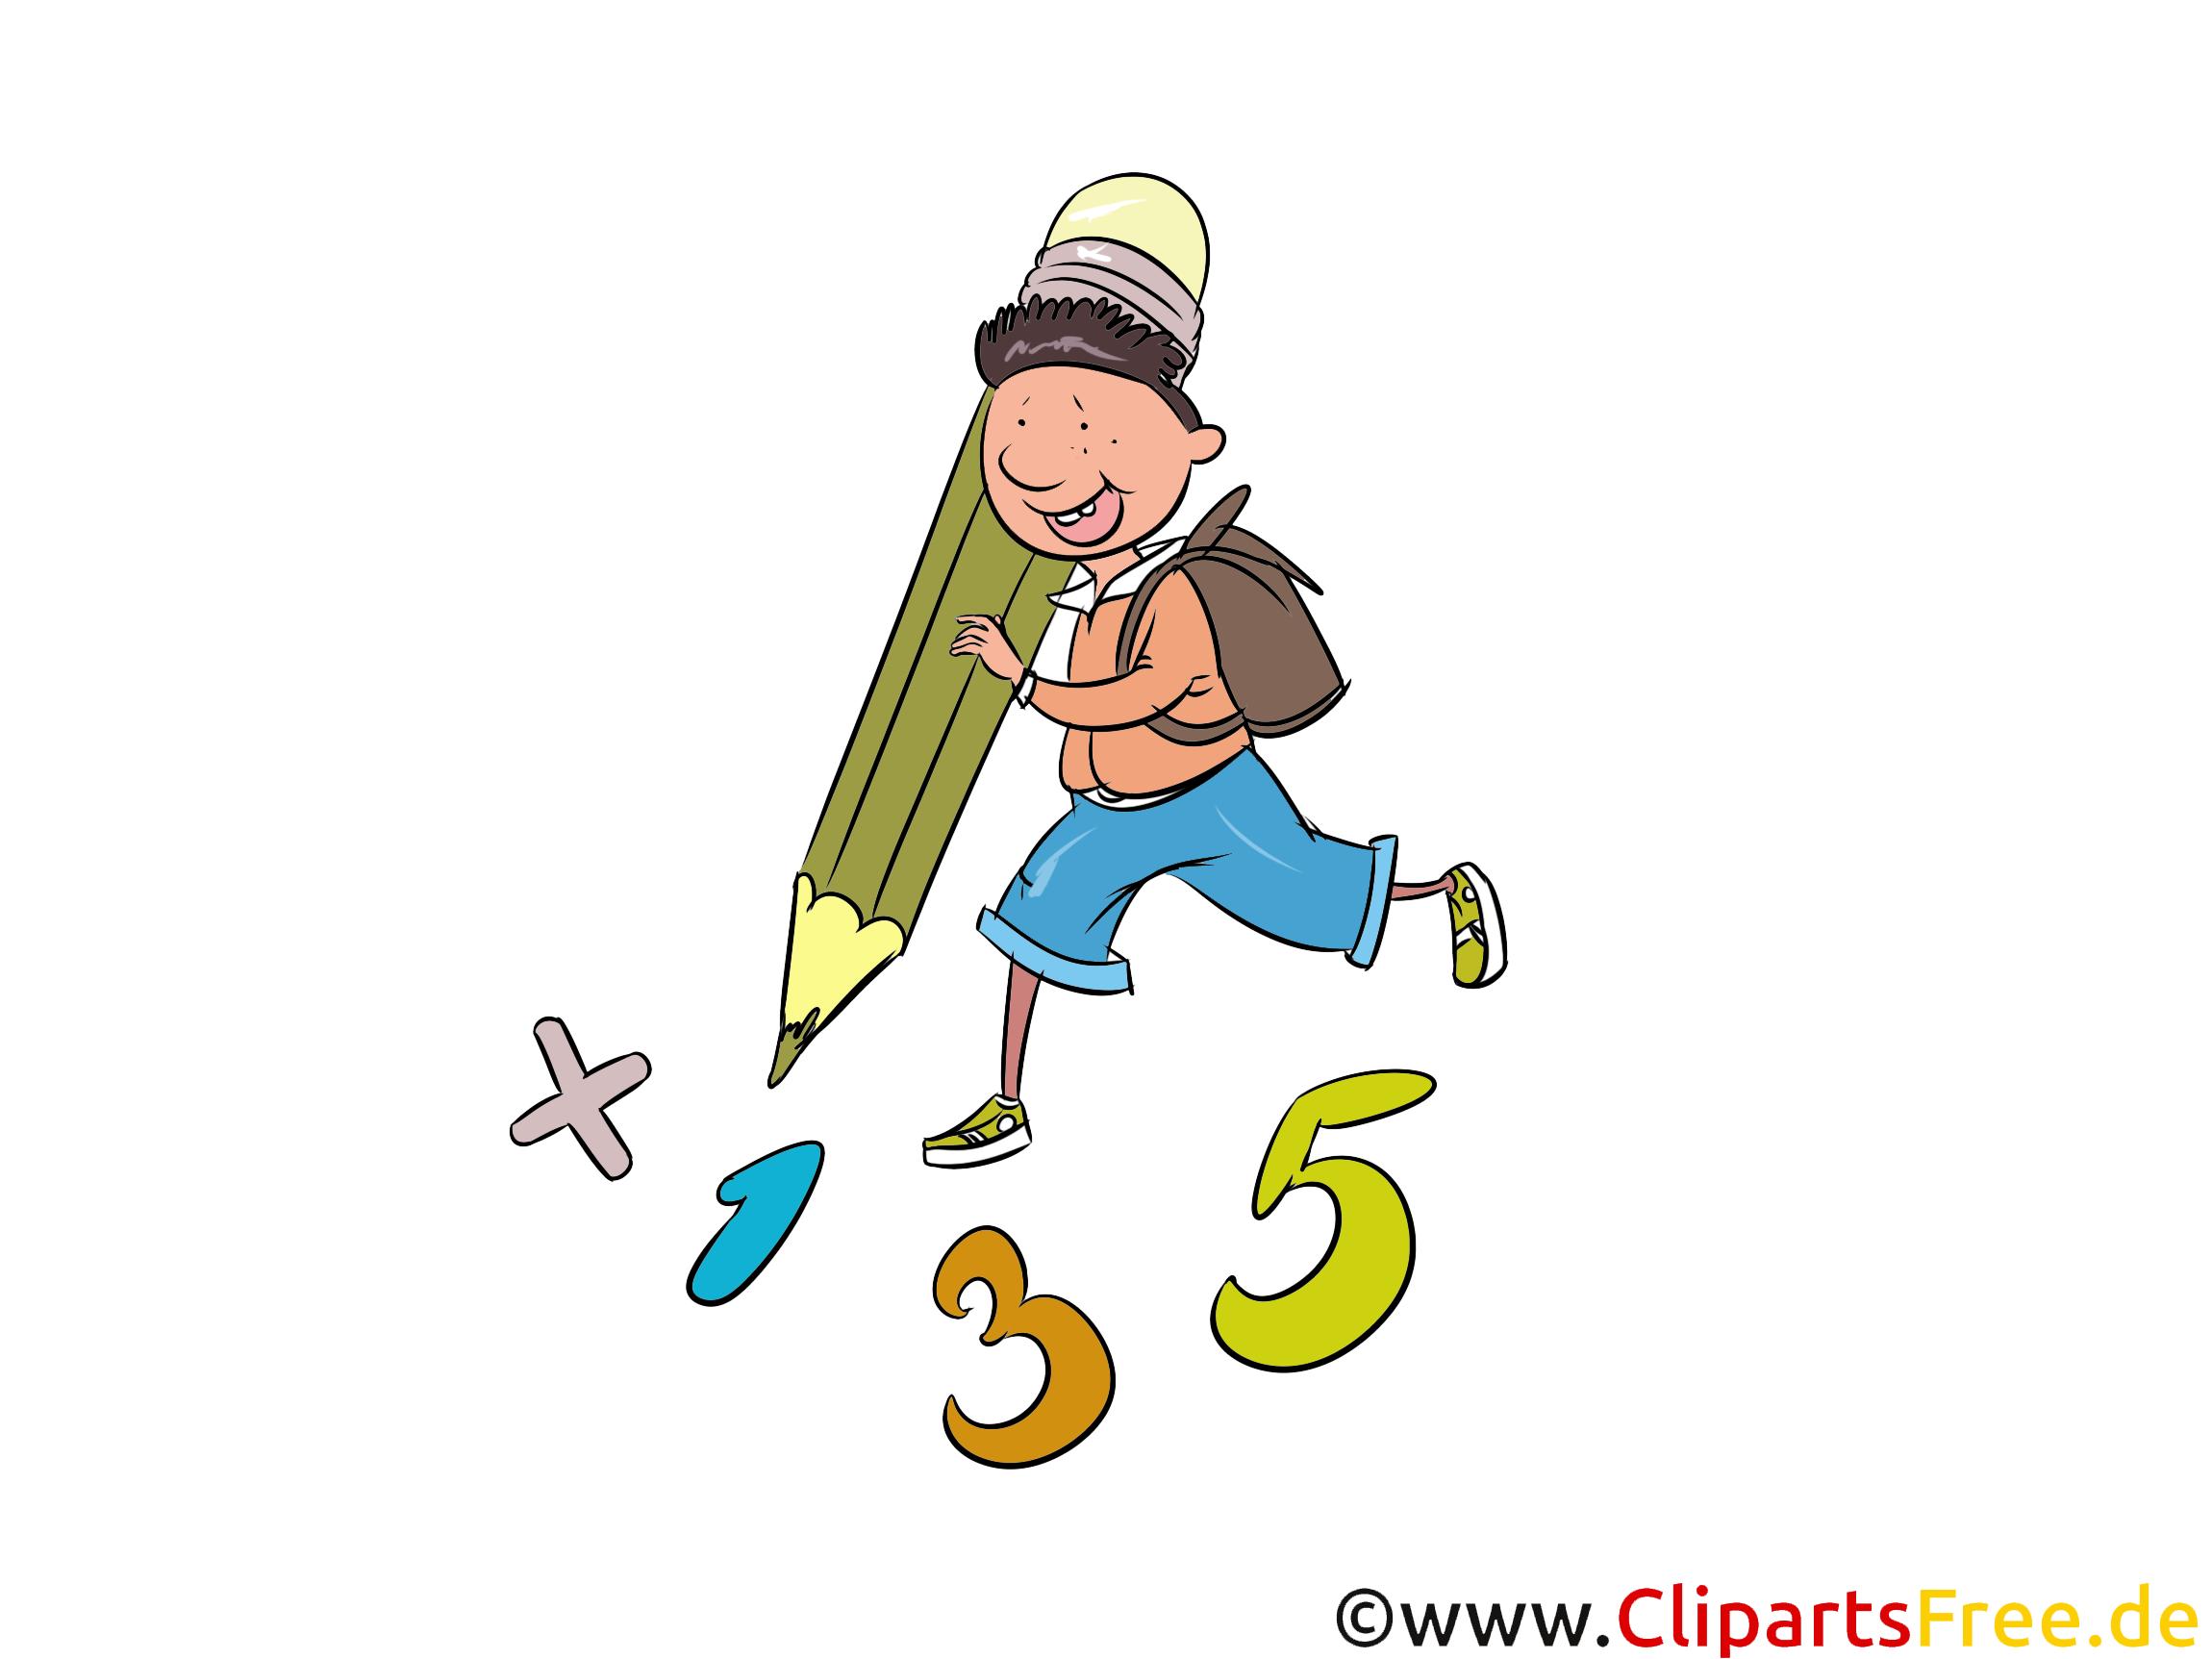 zahlen schreiben lernen mathe unterricht clipart comic